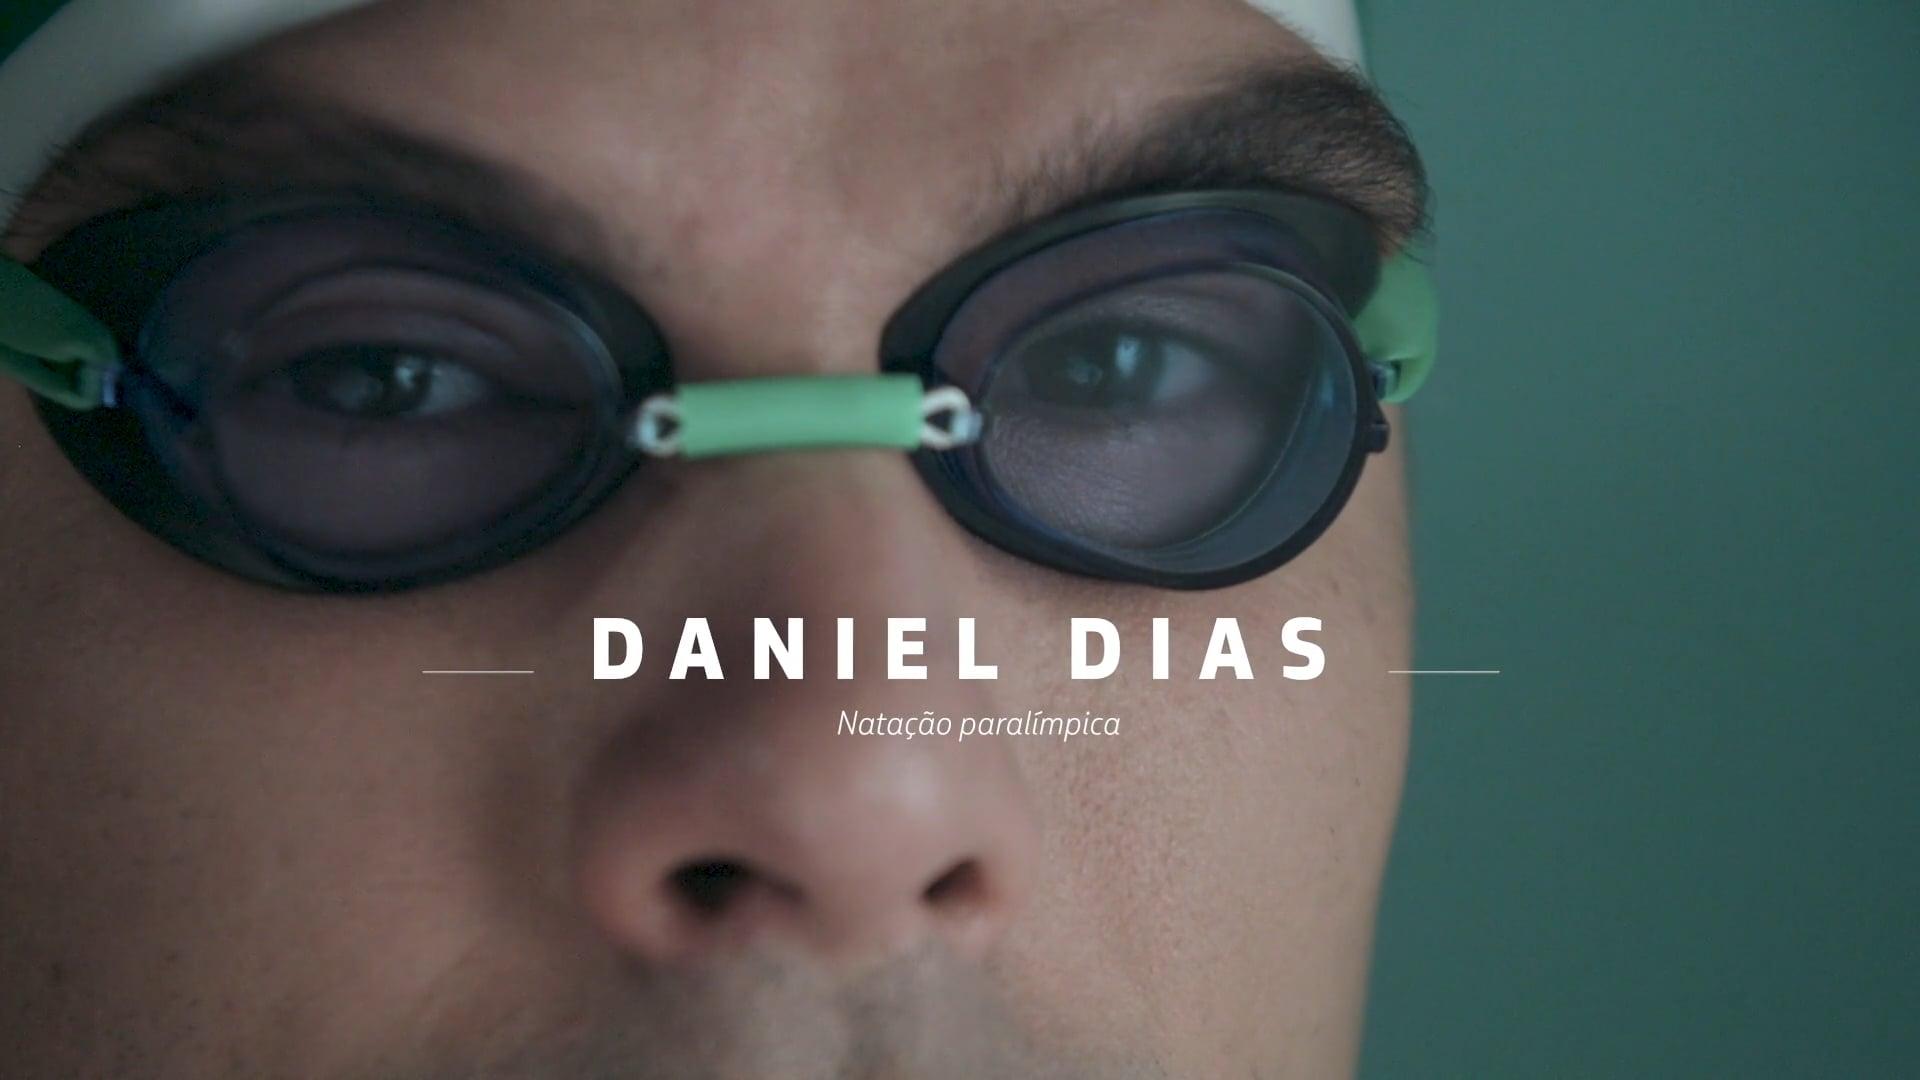 Time Petrobras - DANIEL DIAS